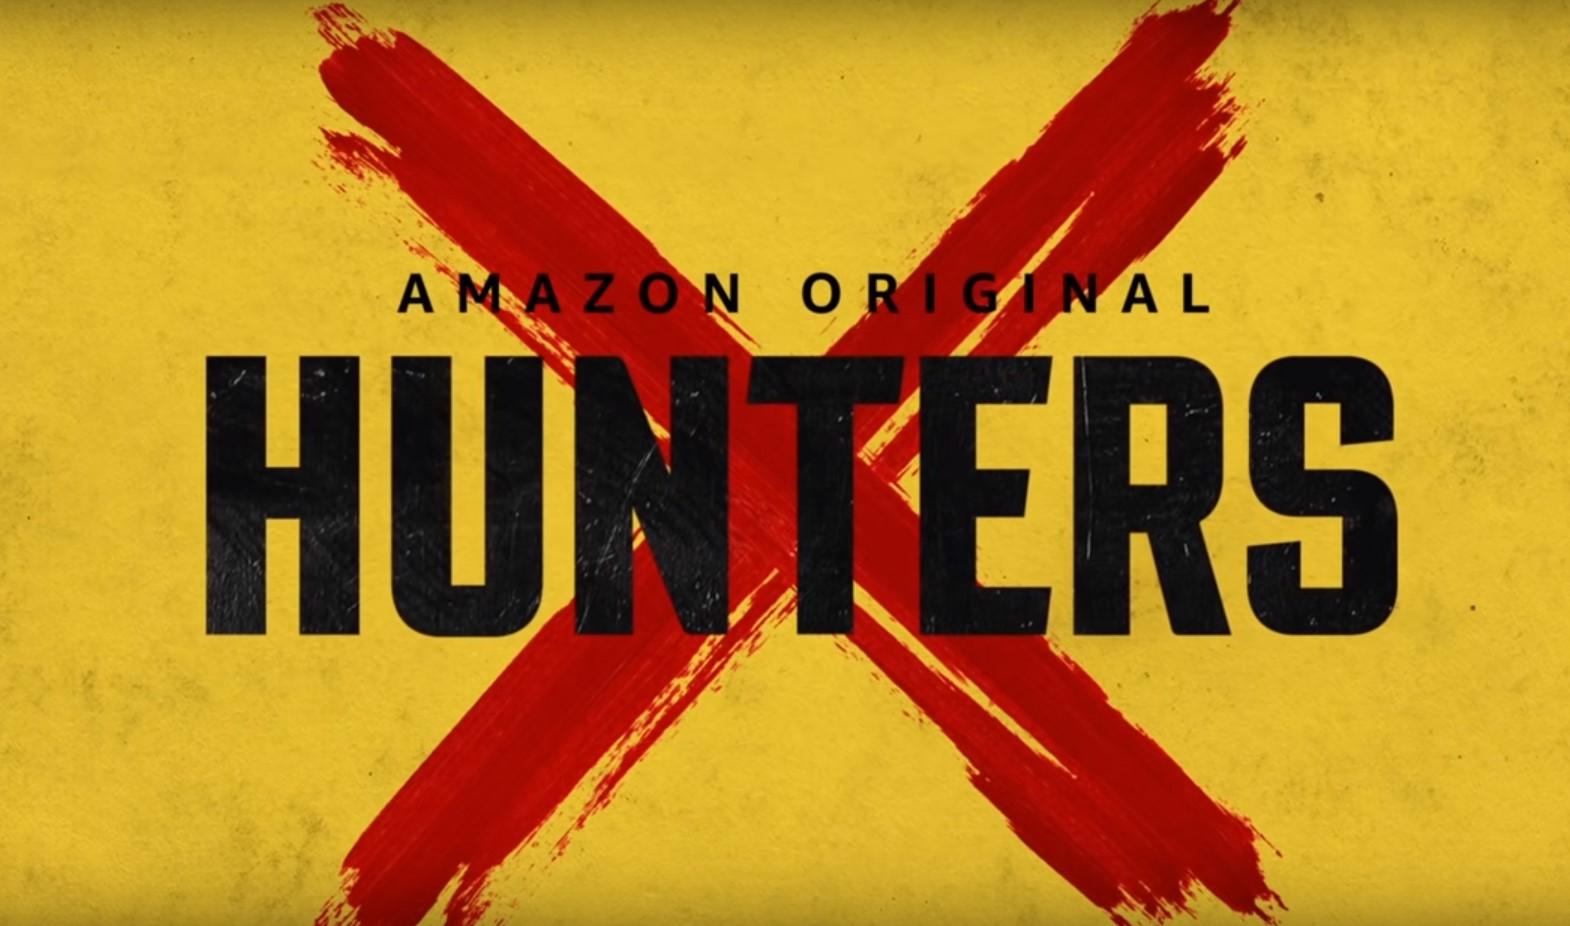 Hunters trama, cast e anticipazioni. Quando esce su Amazon Prime Video